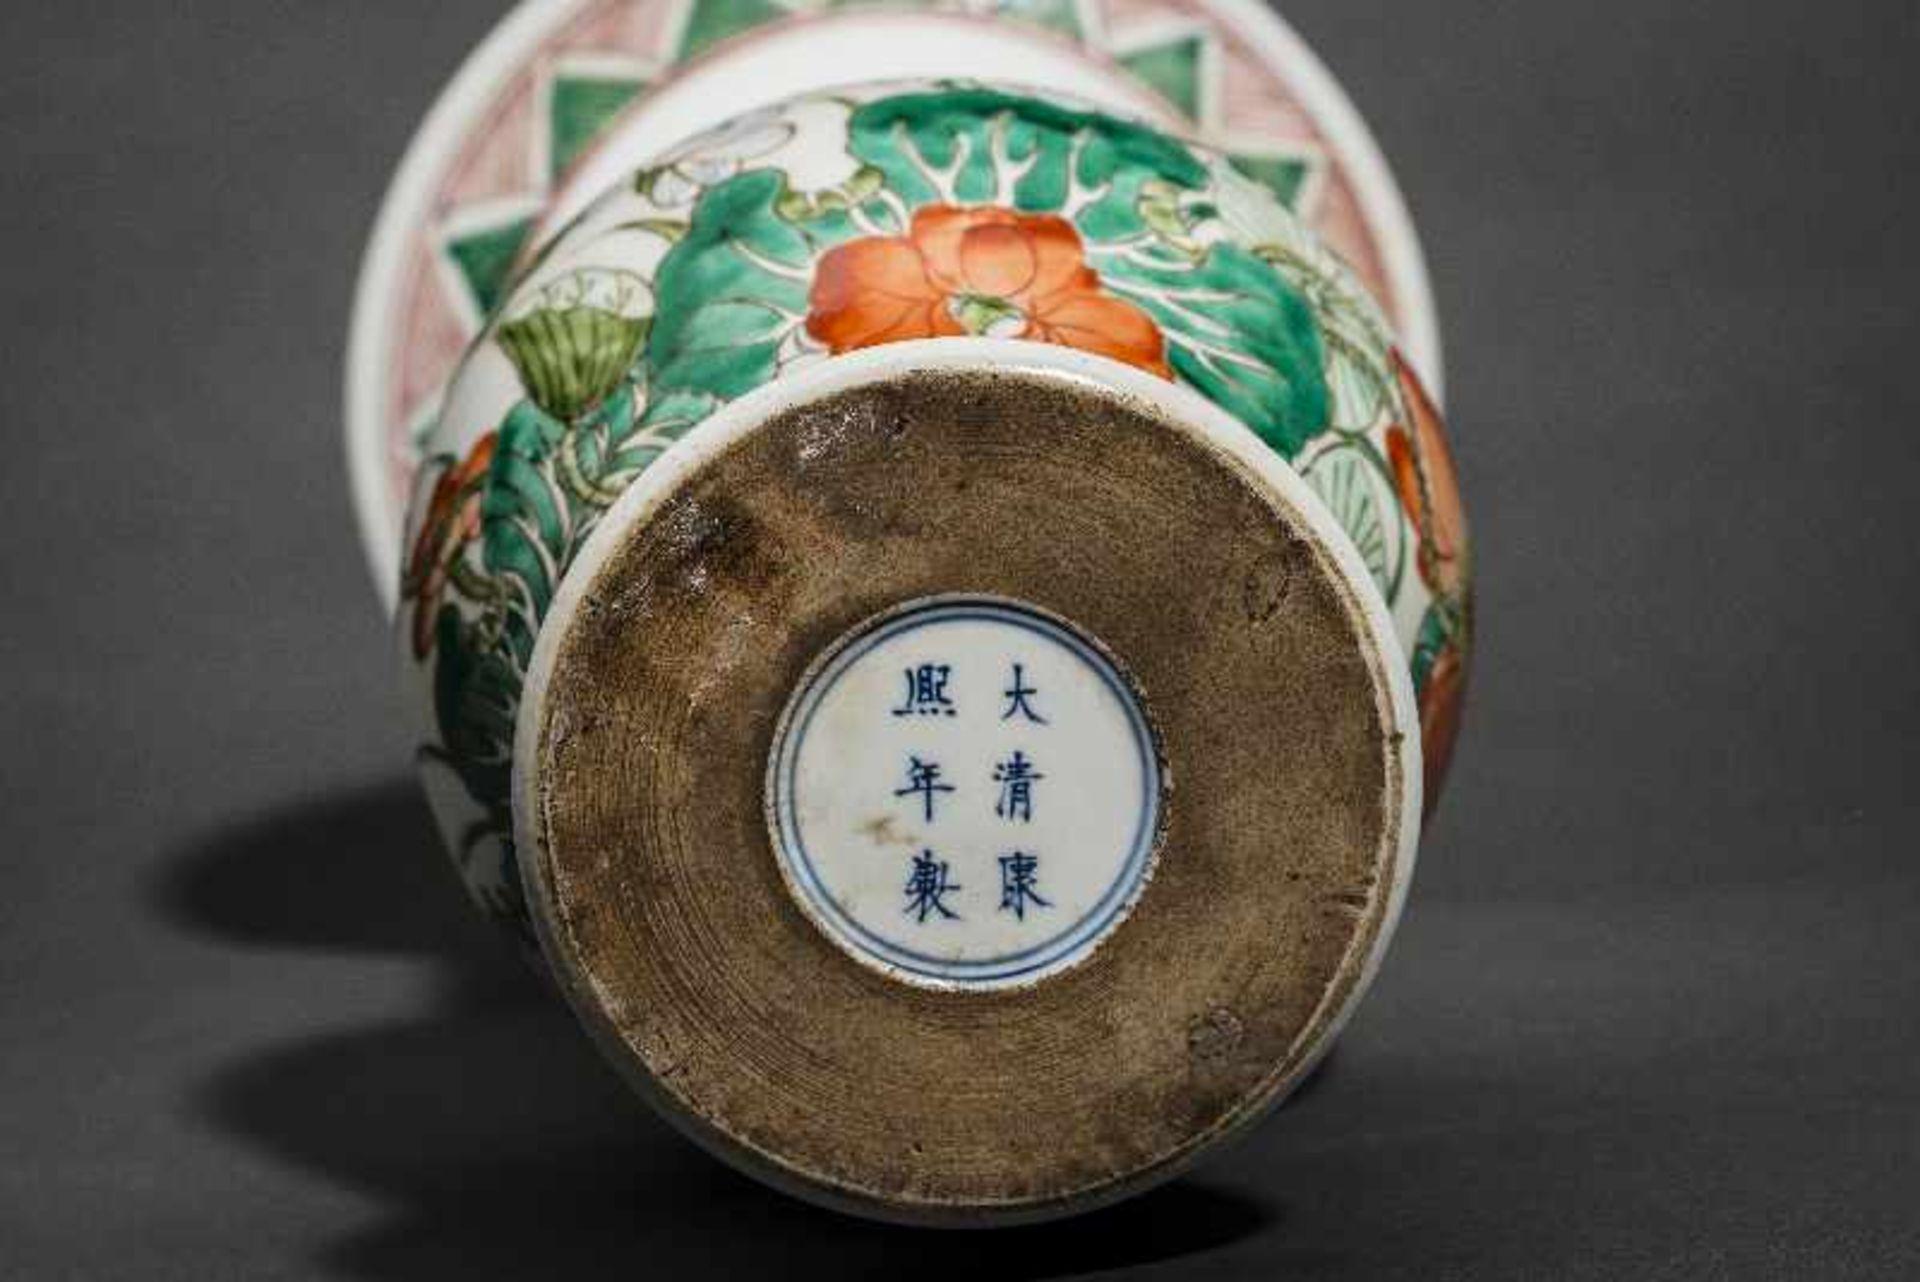 VASE MIT LOTUS UND KRANICHEN Porzellan mit Emailfarben. China, Balusterform mit betont großem - Image 5 of 5